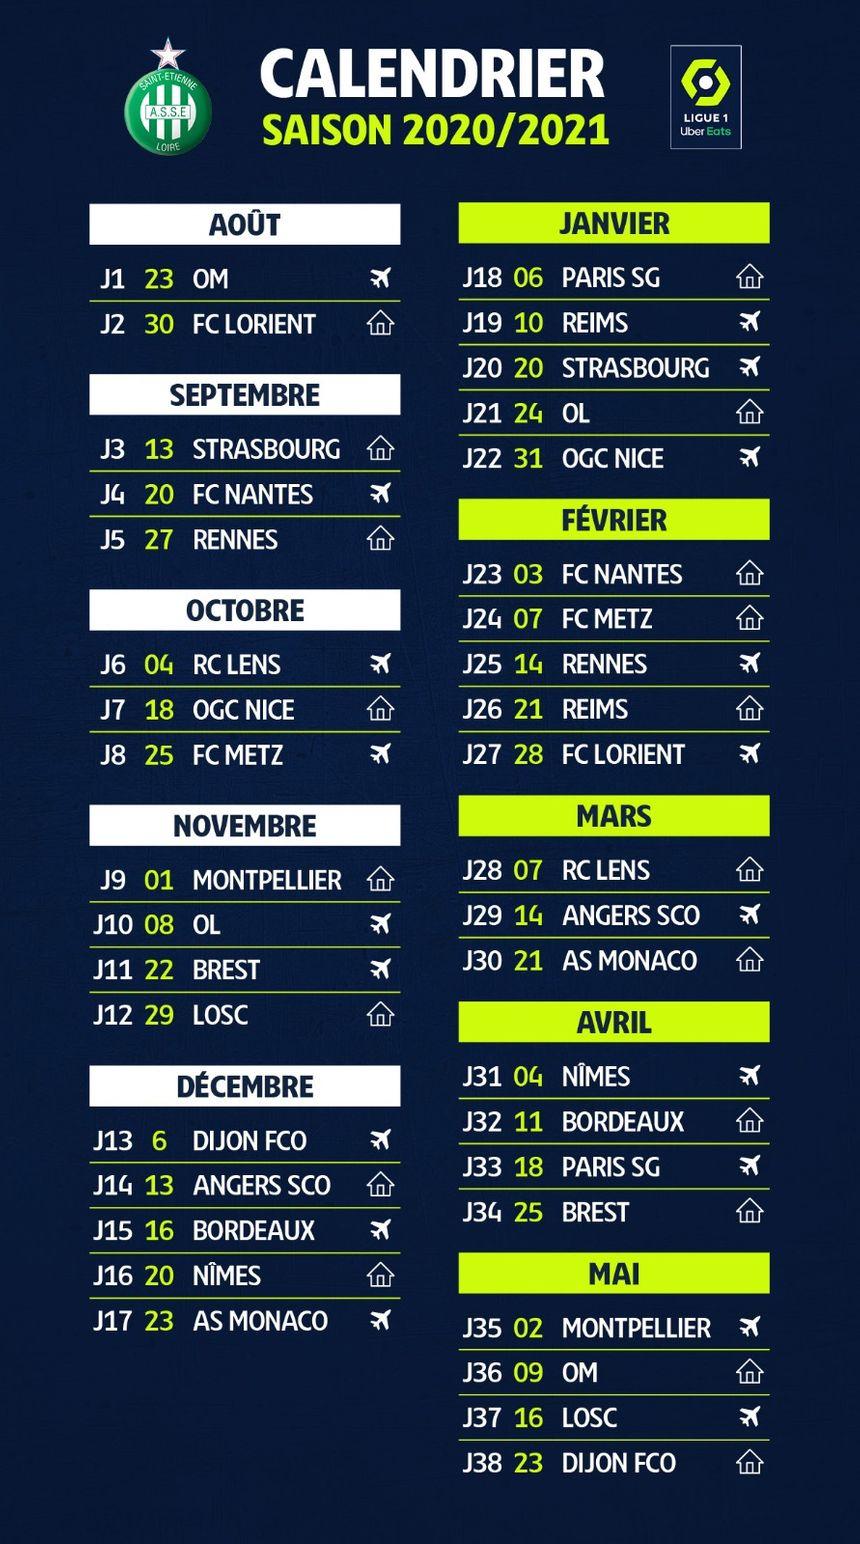 Calendrier Asse 2021 Ligue 1 : découvrez le calendrier de l'AS Saint Étienne pour la